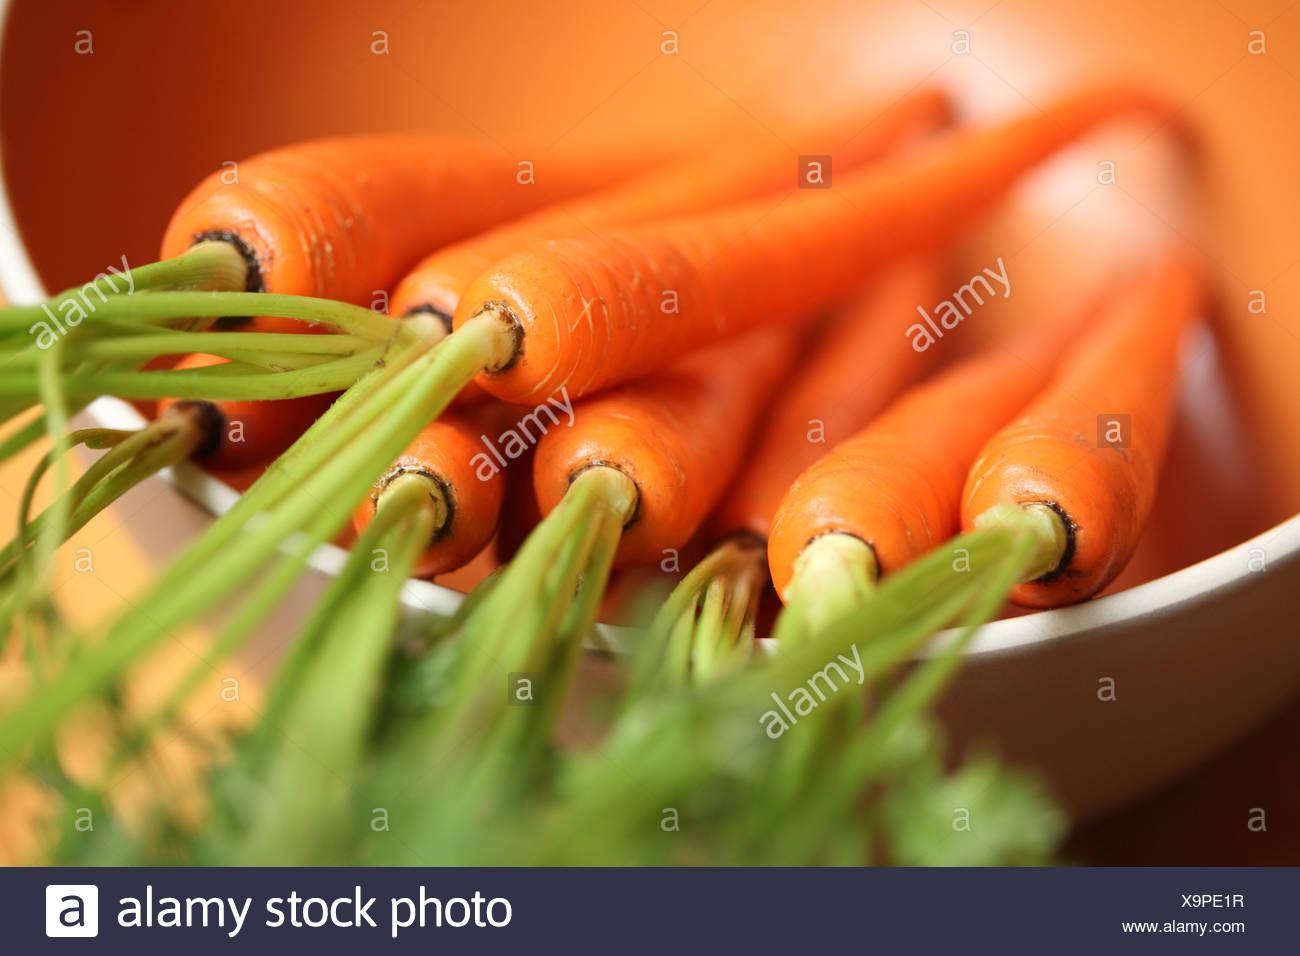 Zanahorias Imagen De Stock